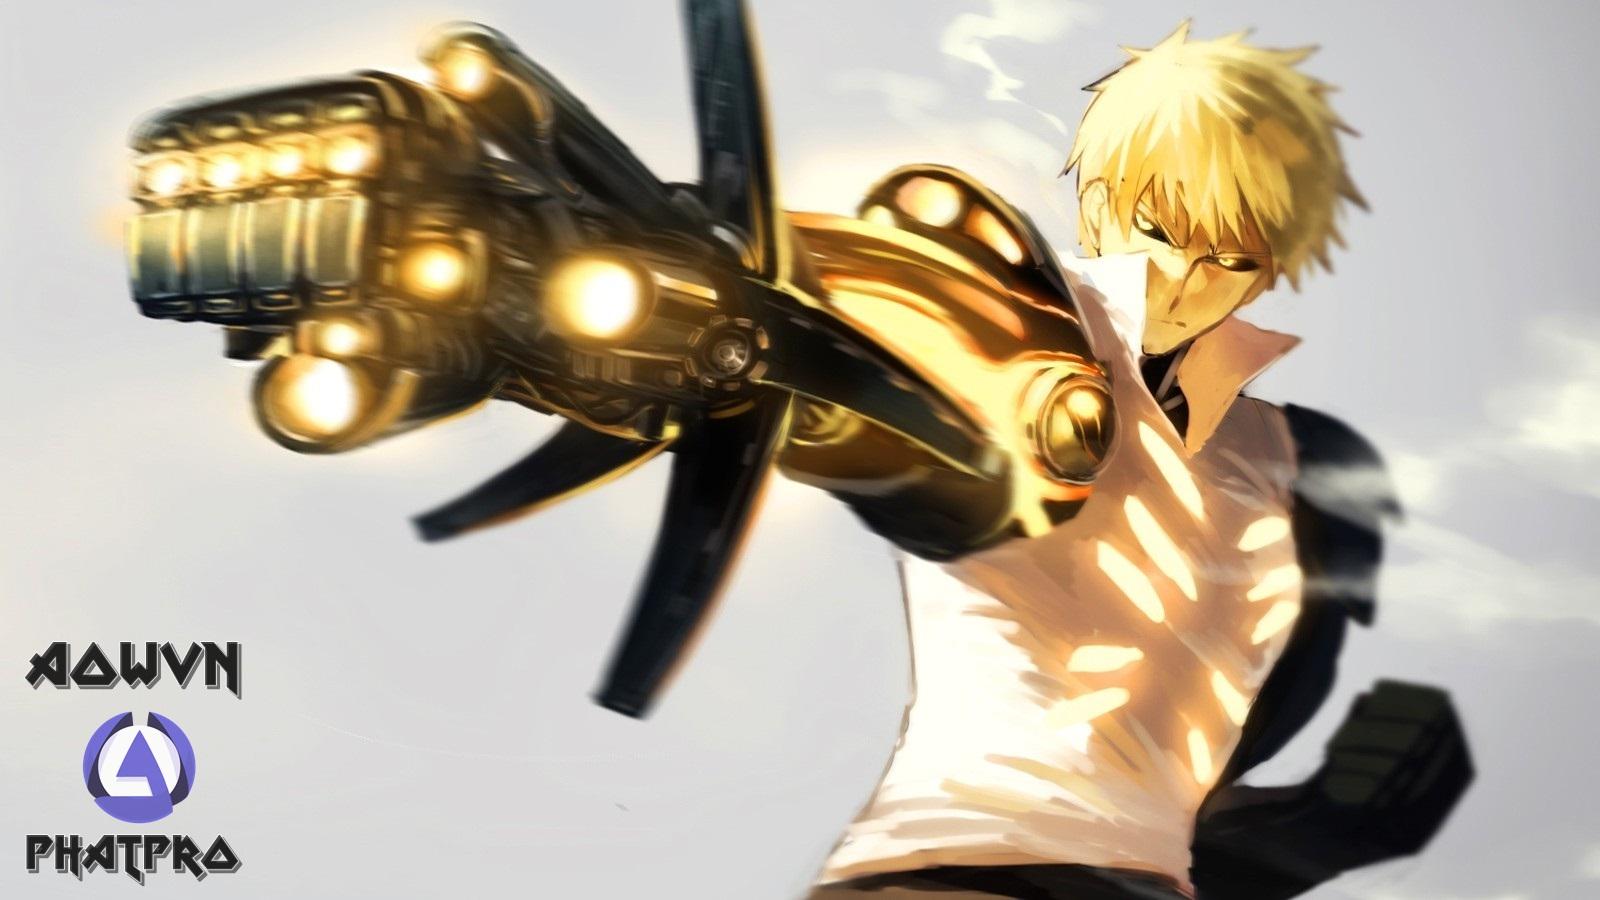 OPM%2B %2BPhatpro - [ Anime Mp4 ] One Punch Man SS2 | Vietsub - Siêu Phẩm Tái Xuất - Hay Miễn Chê